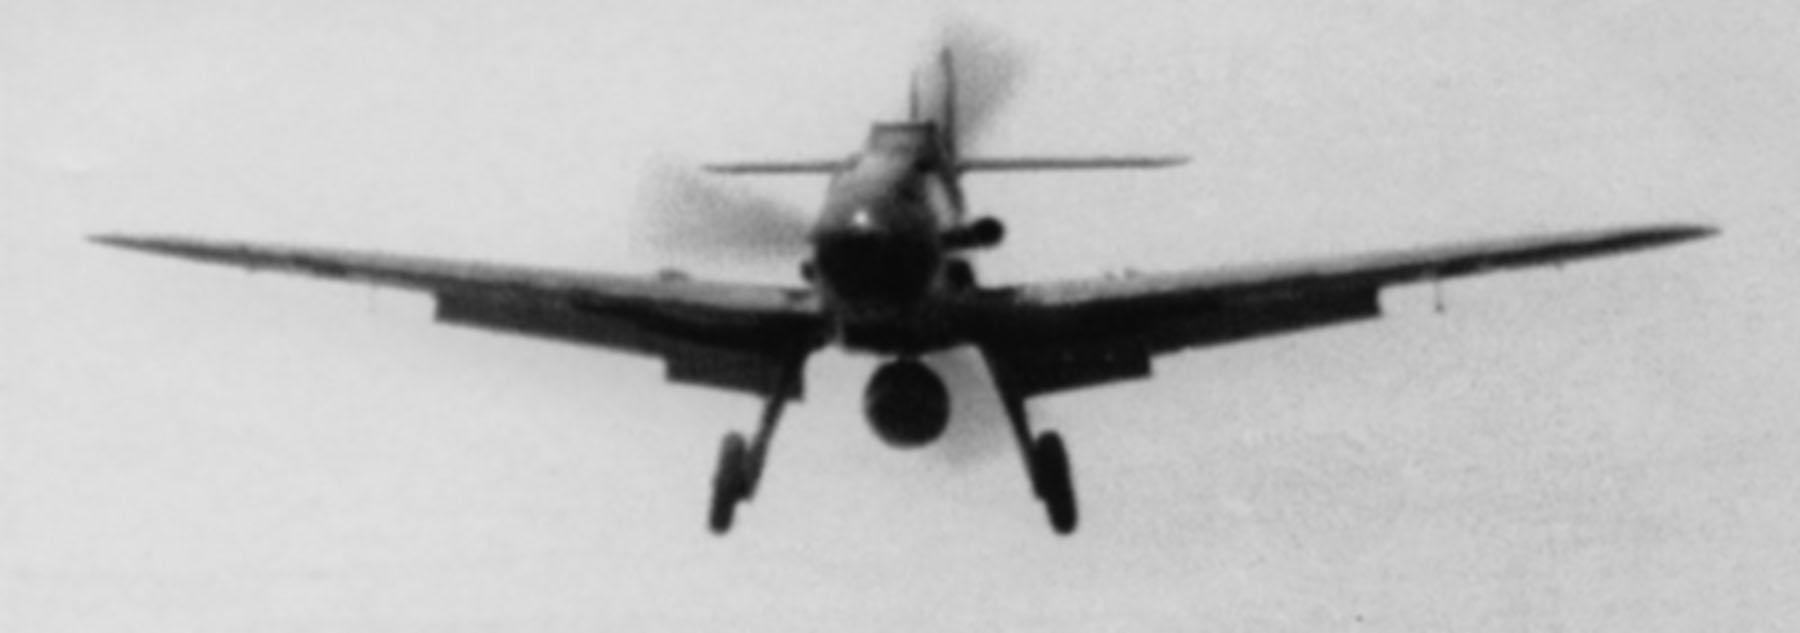 Messerschmitt-Bf-109G6R3-on-approach-to-